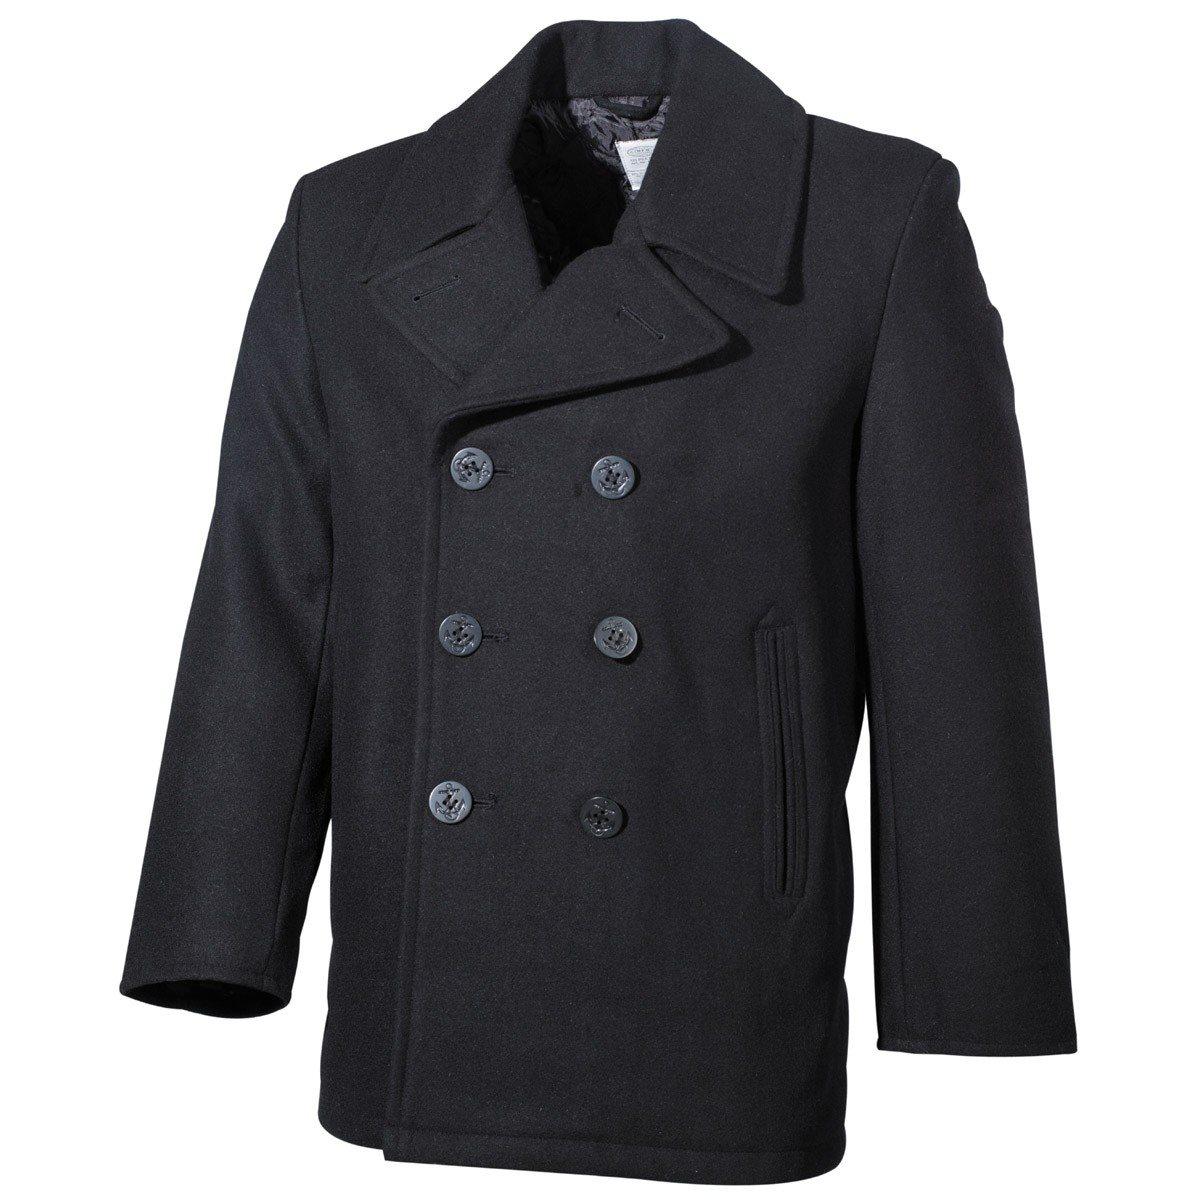 Kabát US  Pea Coat ČERNÝ MFH int. comp. 09015A L-11